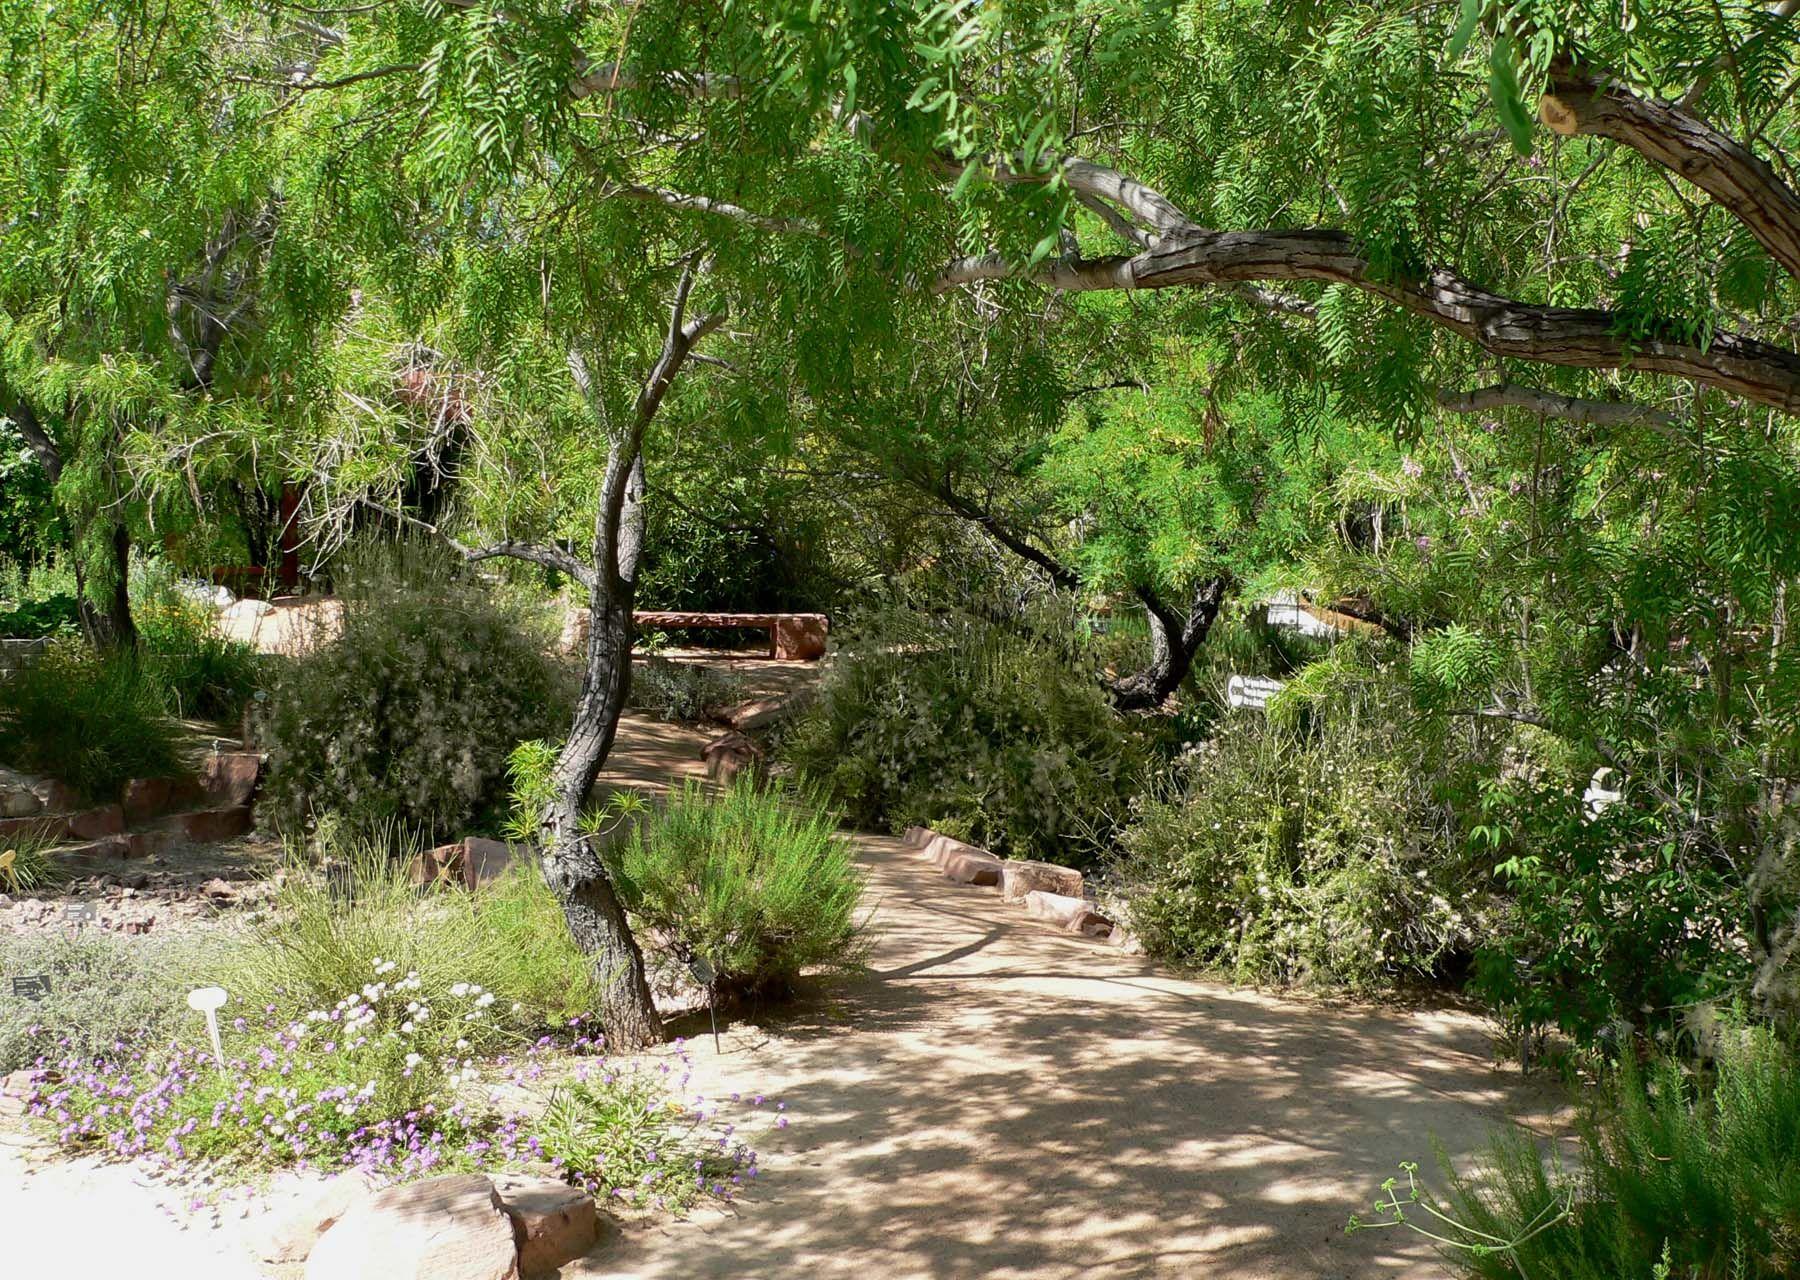 Springs Preserve Garden In Las Vegas, Nevada